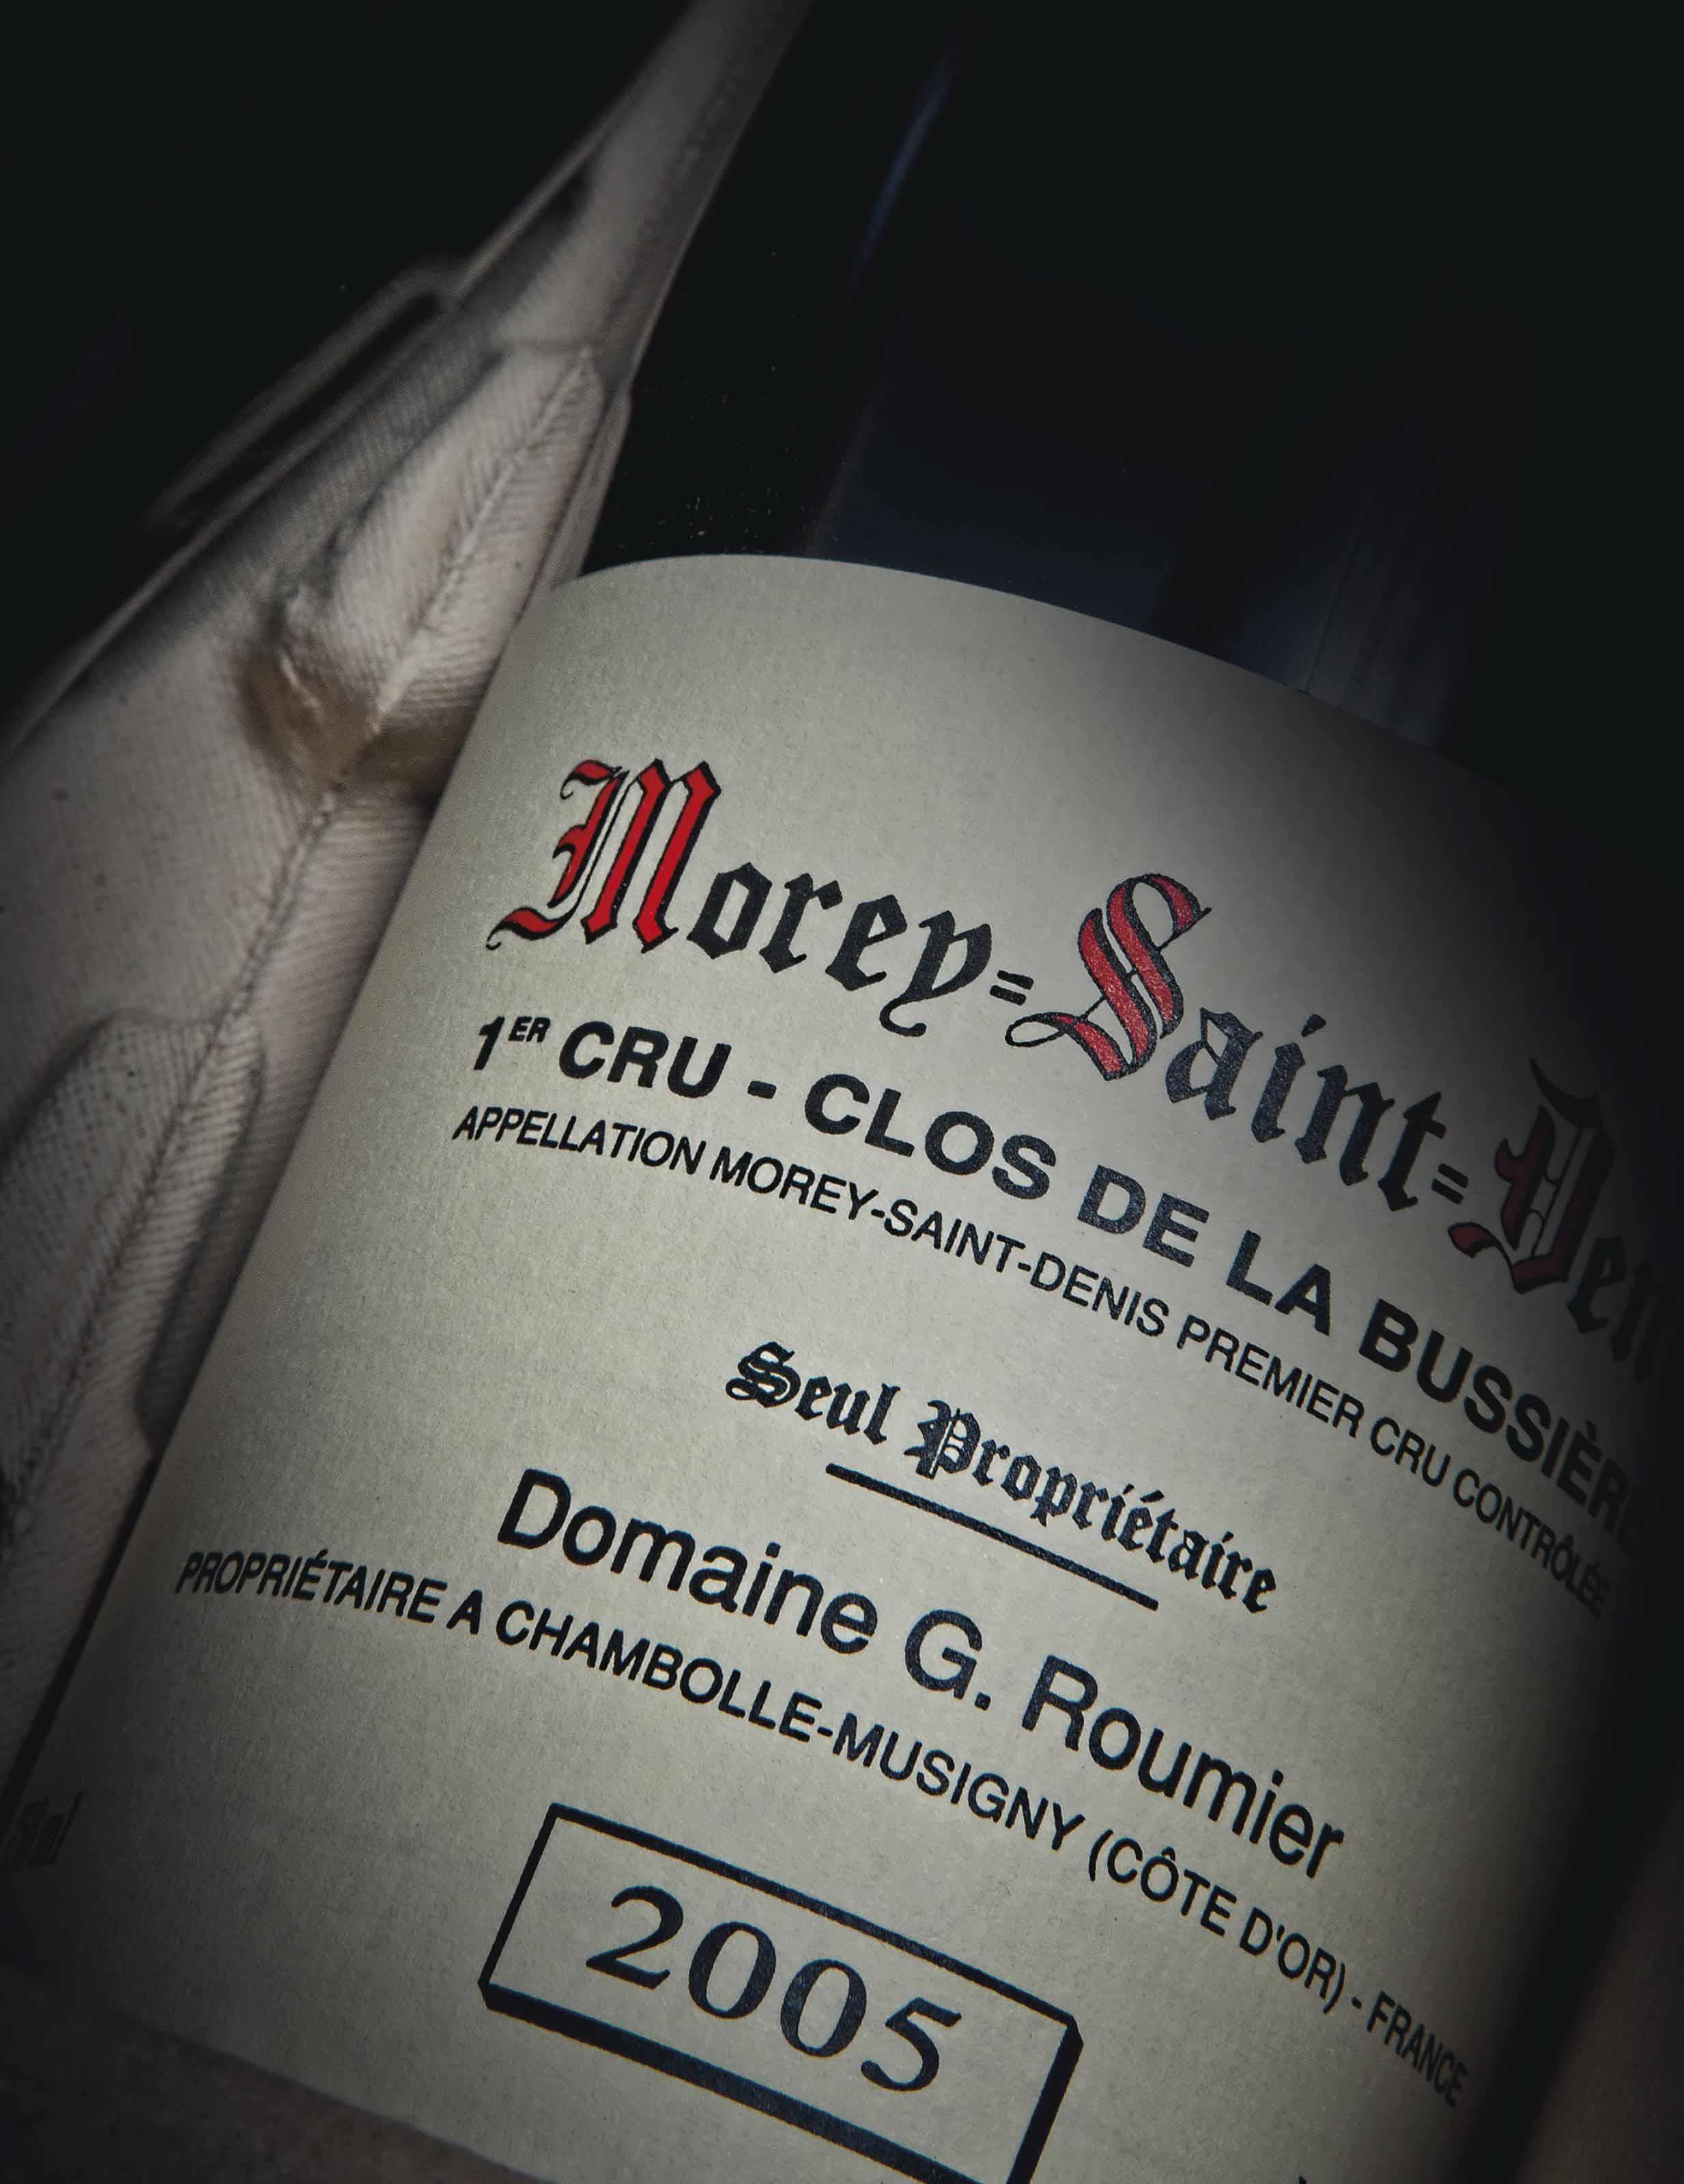 G Roumier, Morey-Saint-Denis Clos de la Bussière 2005